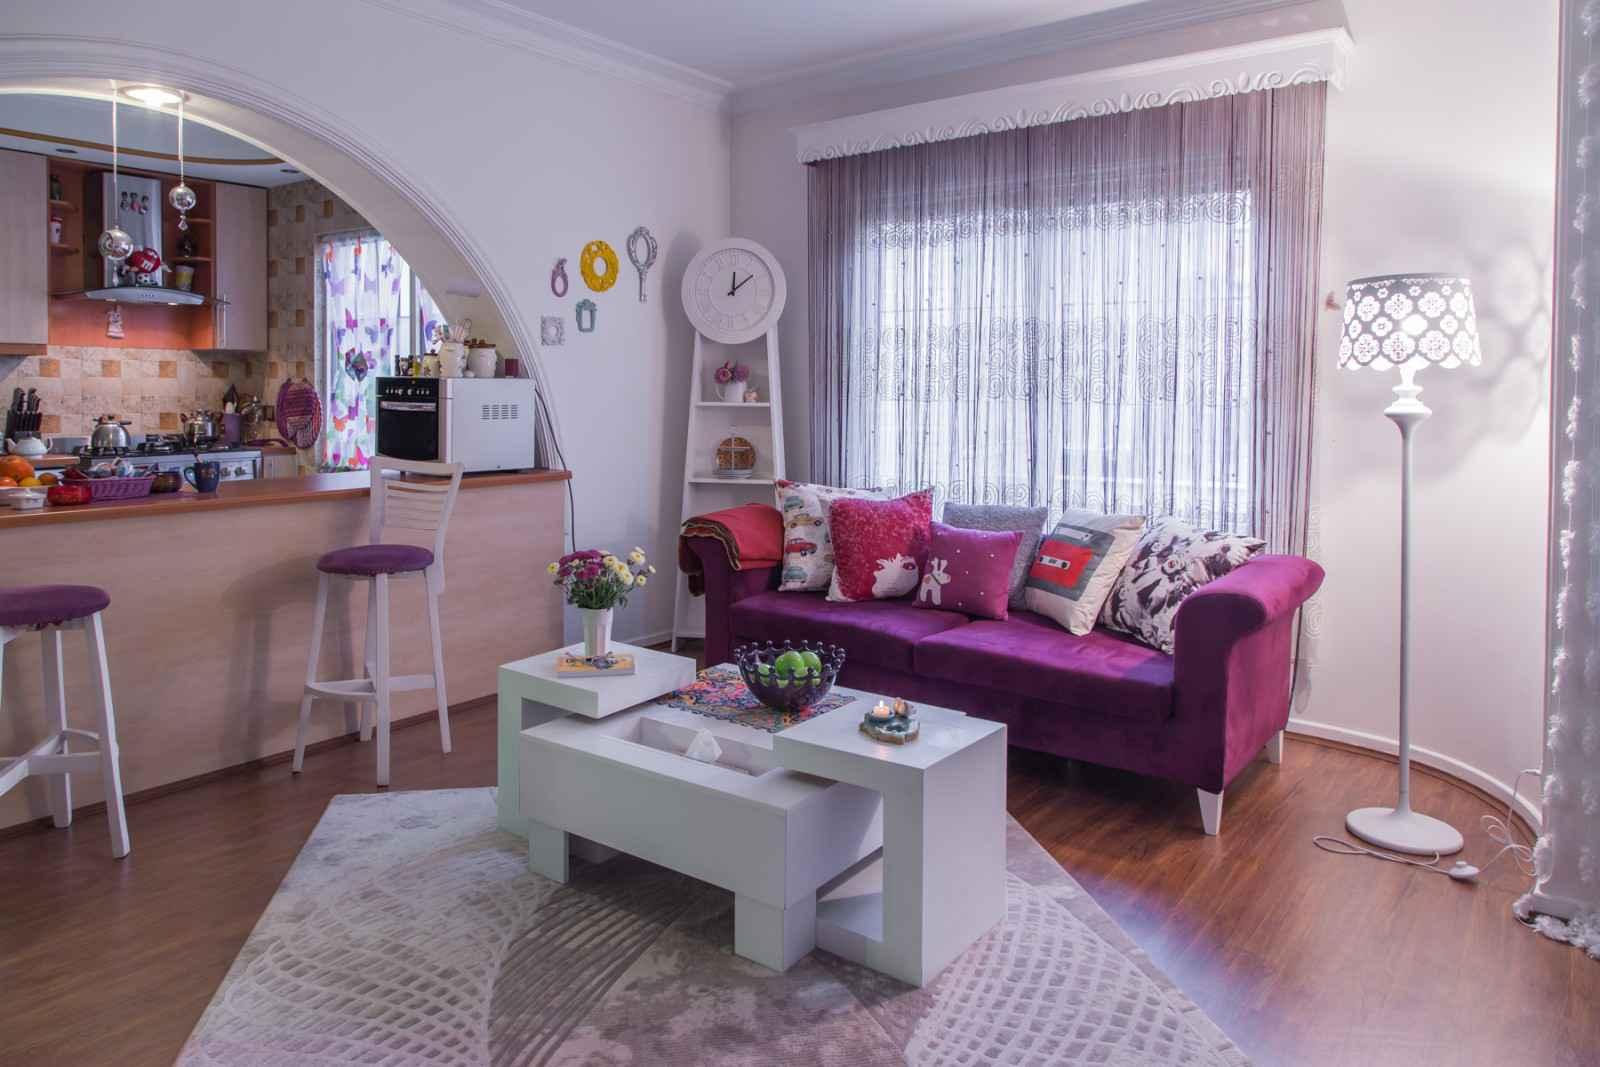 رنگ بنفش در دکوراسیون داخلی منزل